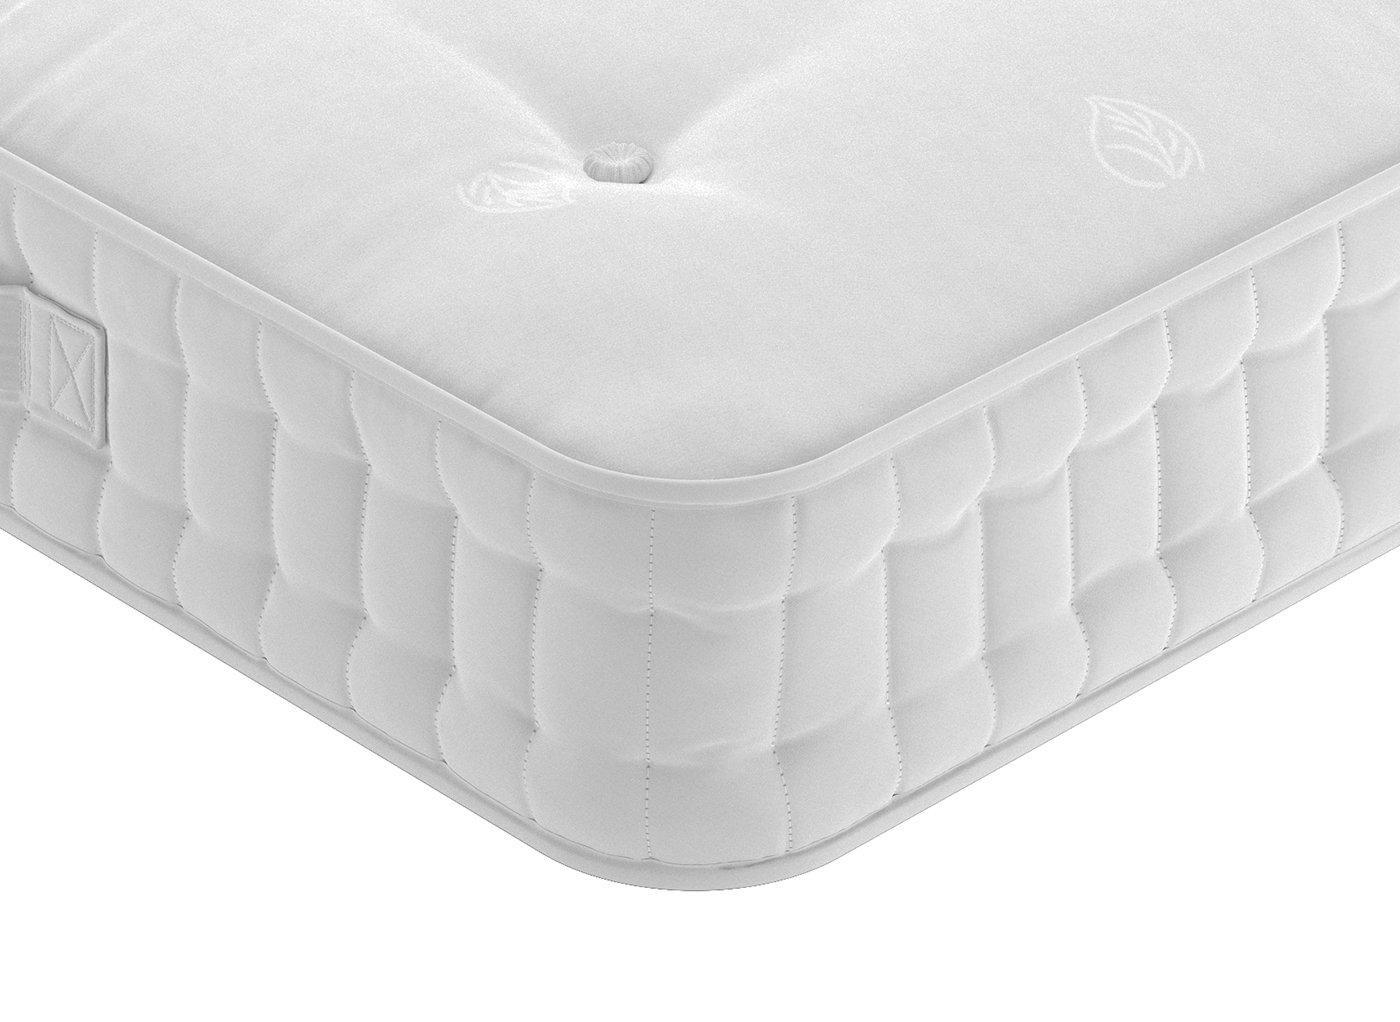 flaxby-nature-s-finest-8150-dnair-mattress